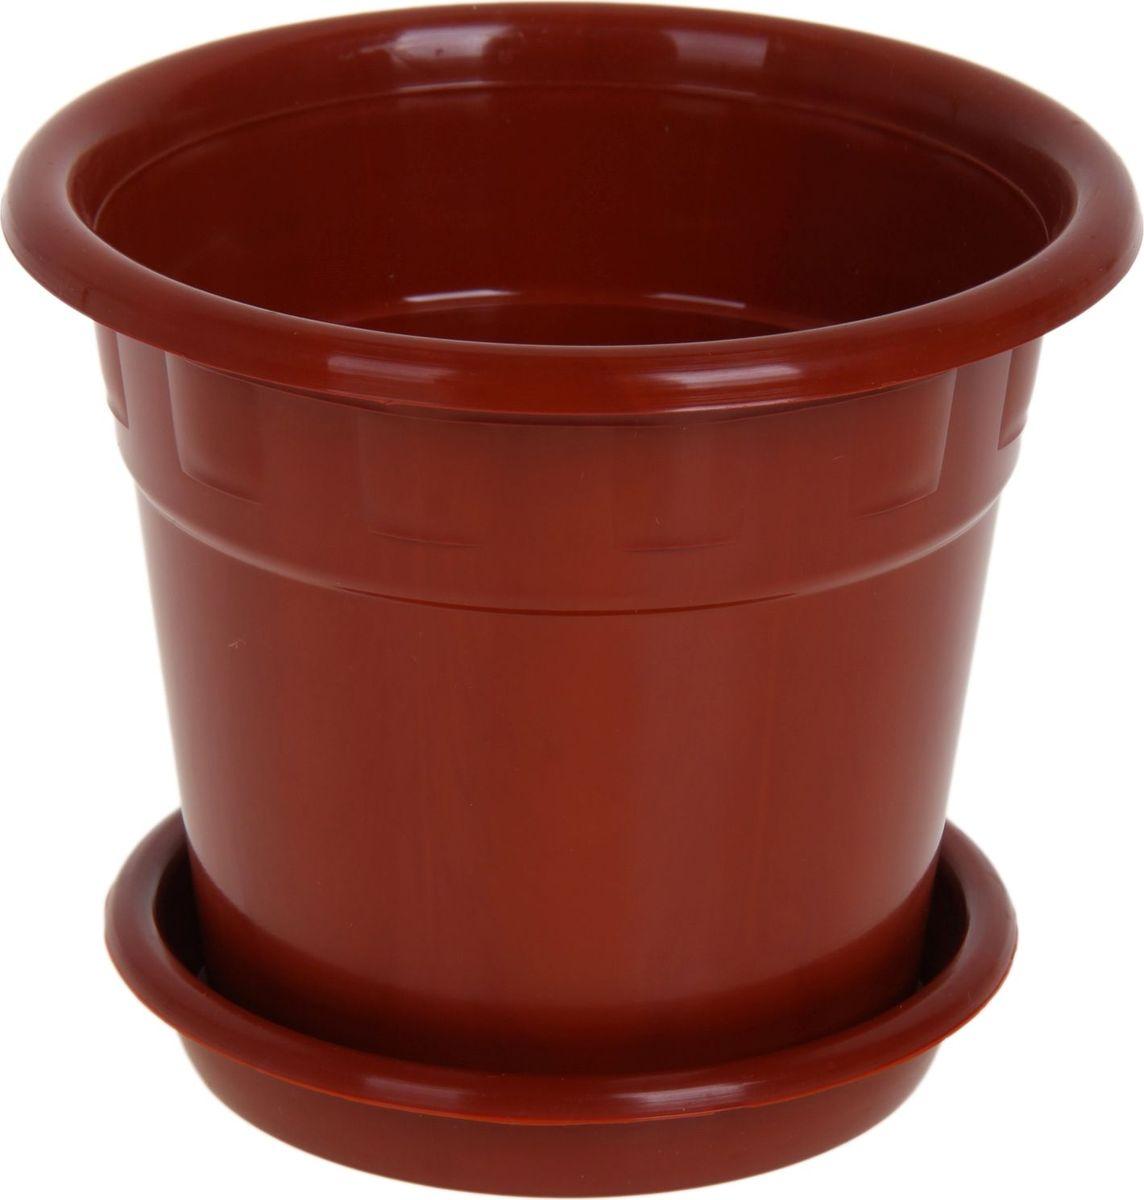 Горшок для цветов Пластик, с поддоном, цвет: коричневый, 4 л1178569Горшок для цветов Пластик обладает малым весом и высокой прочностью. С лёгкостью переносите горшки и кашпо с места на место, ставьте их на столики или полки, подвешивайте под потолок, не беспокоясь о нагрузке. Пластиковые изделия не нуждаются в специальных условиях хранения. Их легко чистить - достаточно просто сполоснуть тёплой водой. Пластиковые кашпо не царапают и не загрязняют поверхности, на которых стоят. Пластик дольше хранит влагу, а значит растение реже нуждается в поливе.Пластмасса не пропускает воздух, а значит, корневой системе растения не грозят резкие перепады температур. Соблюдая нехитрые правила ухода, вы можете заметно продлить срок службы горшков, вазонов и кашпо из пластика:- всегда учитывайте размер кроны и корневой системы растения (при разрастании большое растение способно повредить маленький горшок). - берегите изделие от воздействия прямых солнечных лучей, чтобы кашпо и горшки не выцветали. - держите кашпо и горшки из пластика подальше от нагревающихся поверхностей. Любой, даже самый современный и продуманный интерьер будет не завершённым без растений. Они не только очищают воздух и насыщают его кислородом, но и заметно украшают окружающее пространство. Такому полезному члену семьи просто необходимо красивое и функциональное кашпо, оригинальный горшок или необычная ваза!